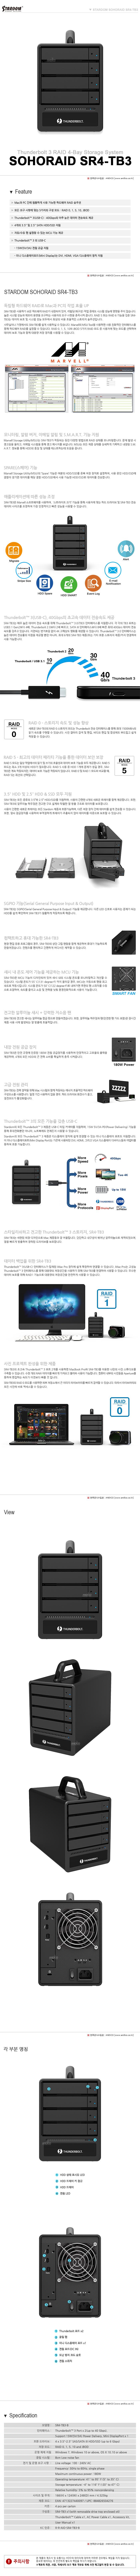 STARDOM SOHORAID SR4-TB3 (16TB)